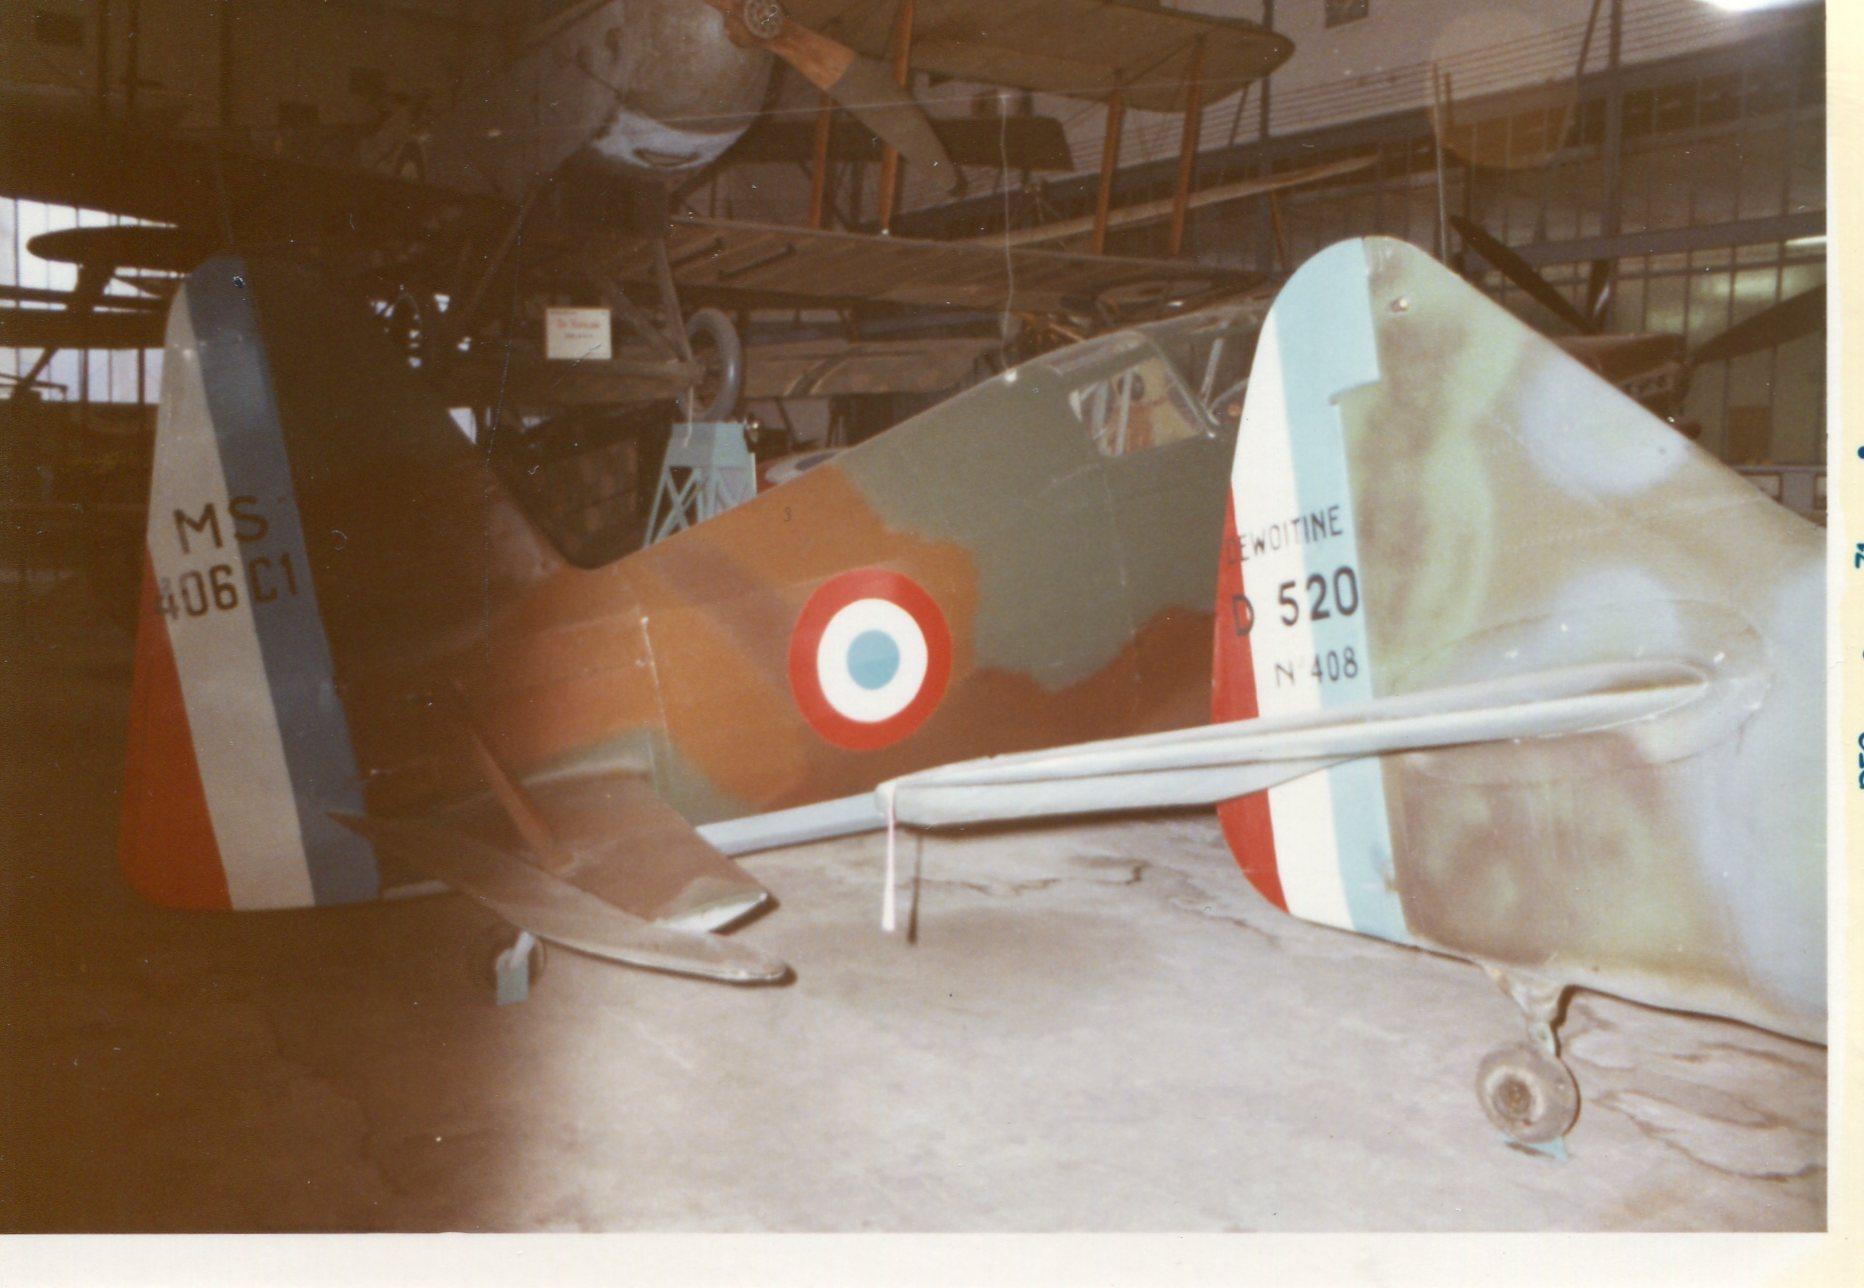 Naam: MS 406 Dewoitine - musee de l ' air - Parijs. (3)+.jpg Bekeken: 92 Grootte: 235,8 KB